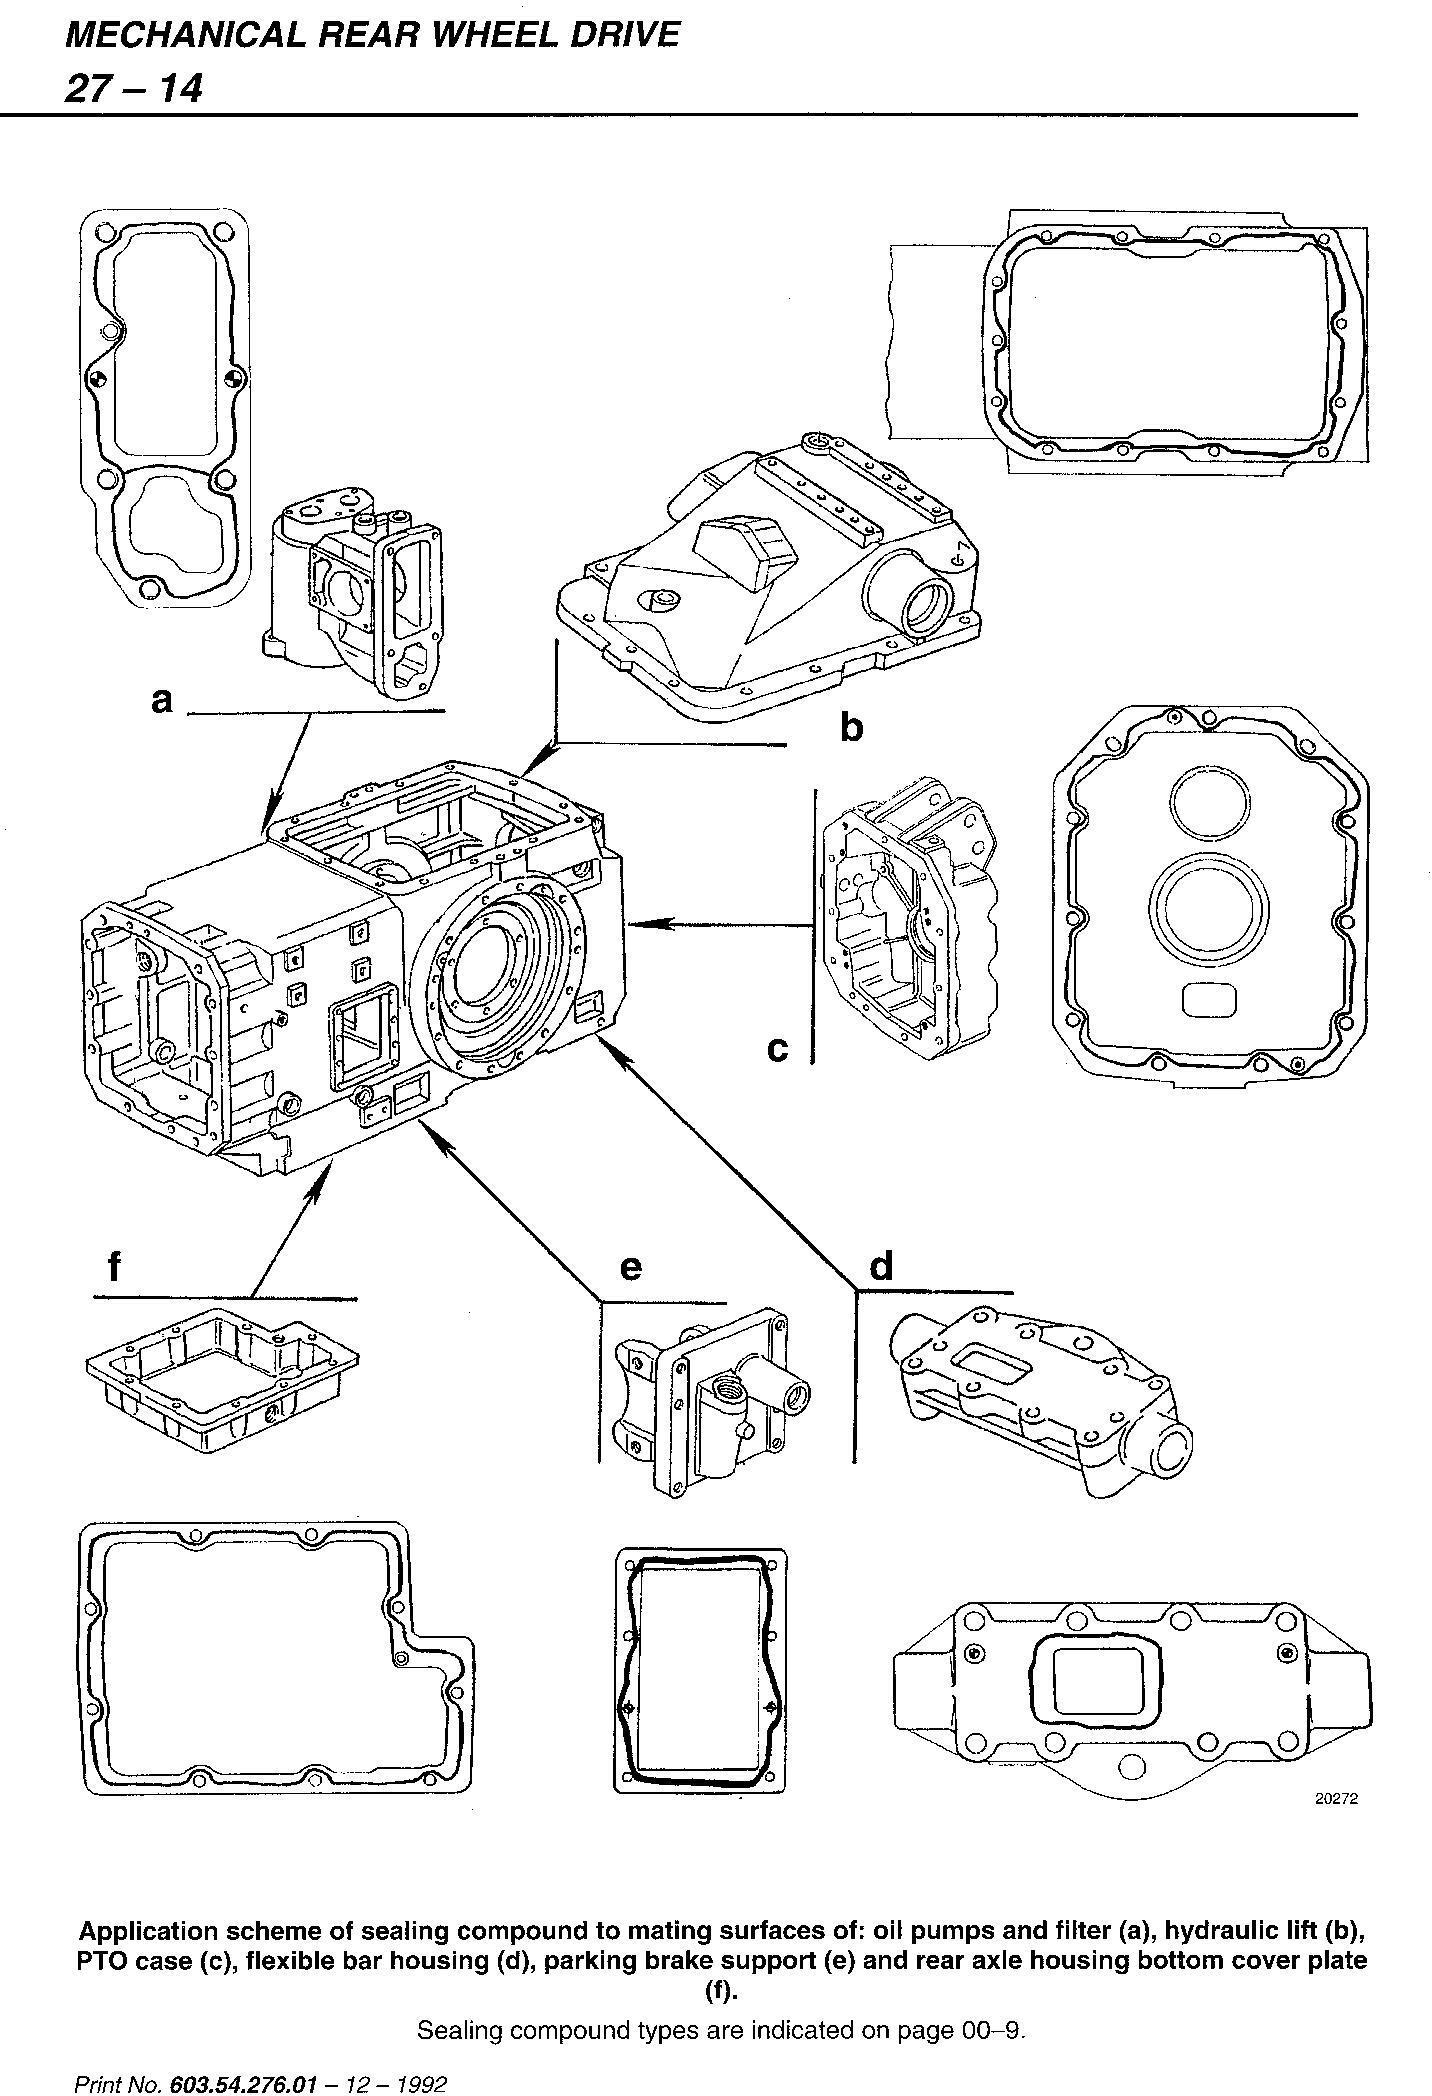 Fiat F100, F110, F120, F130 Turbo Tractor Service Manual (6035427601) - 3